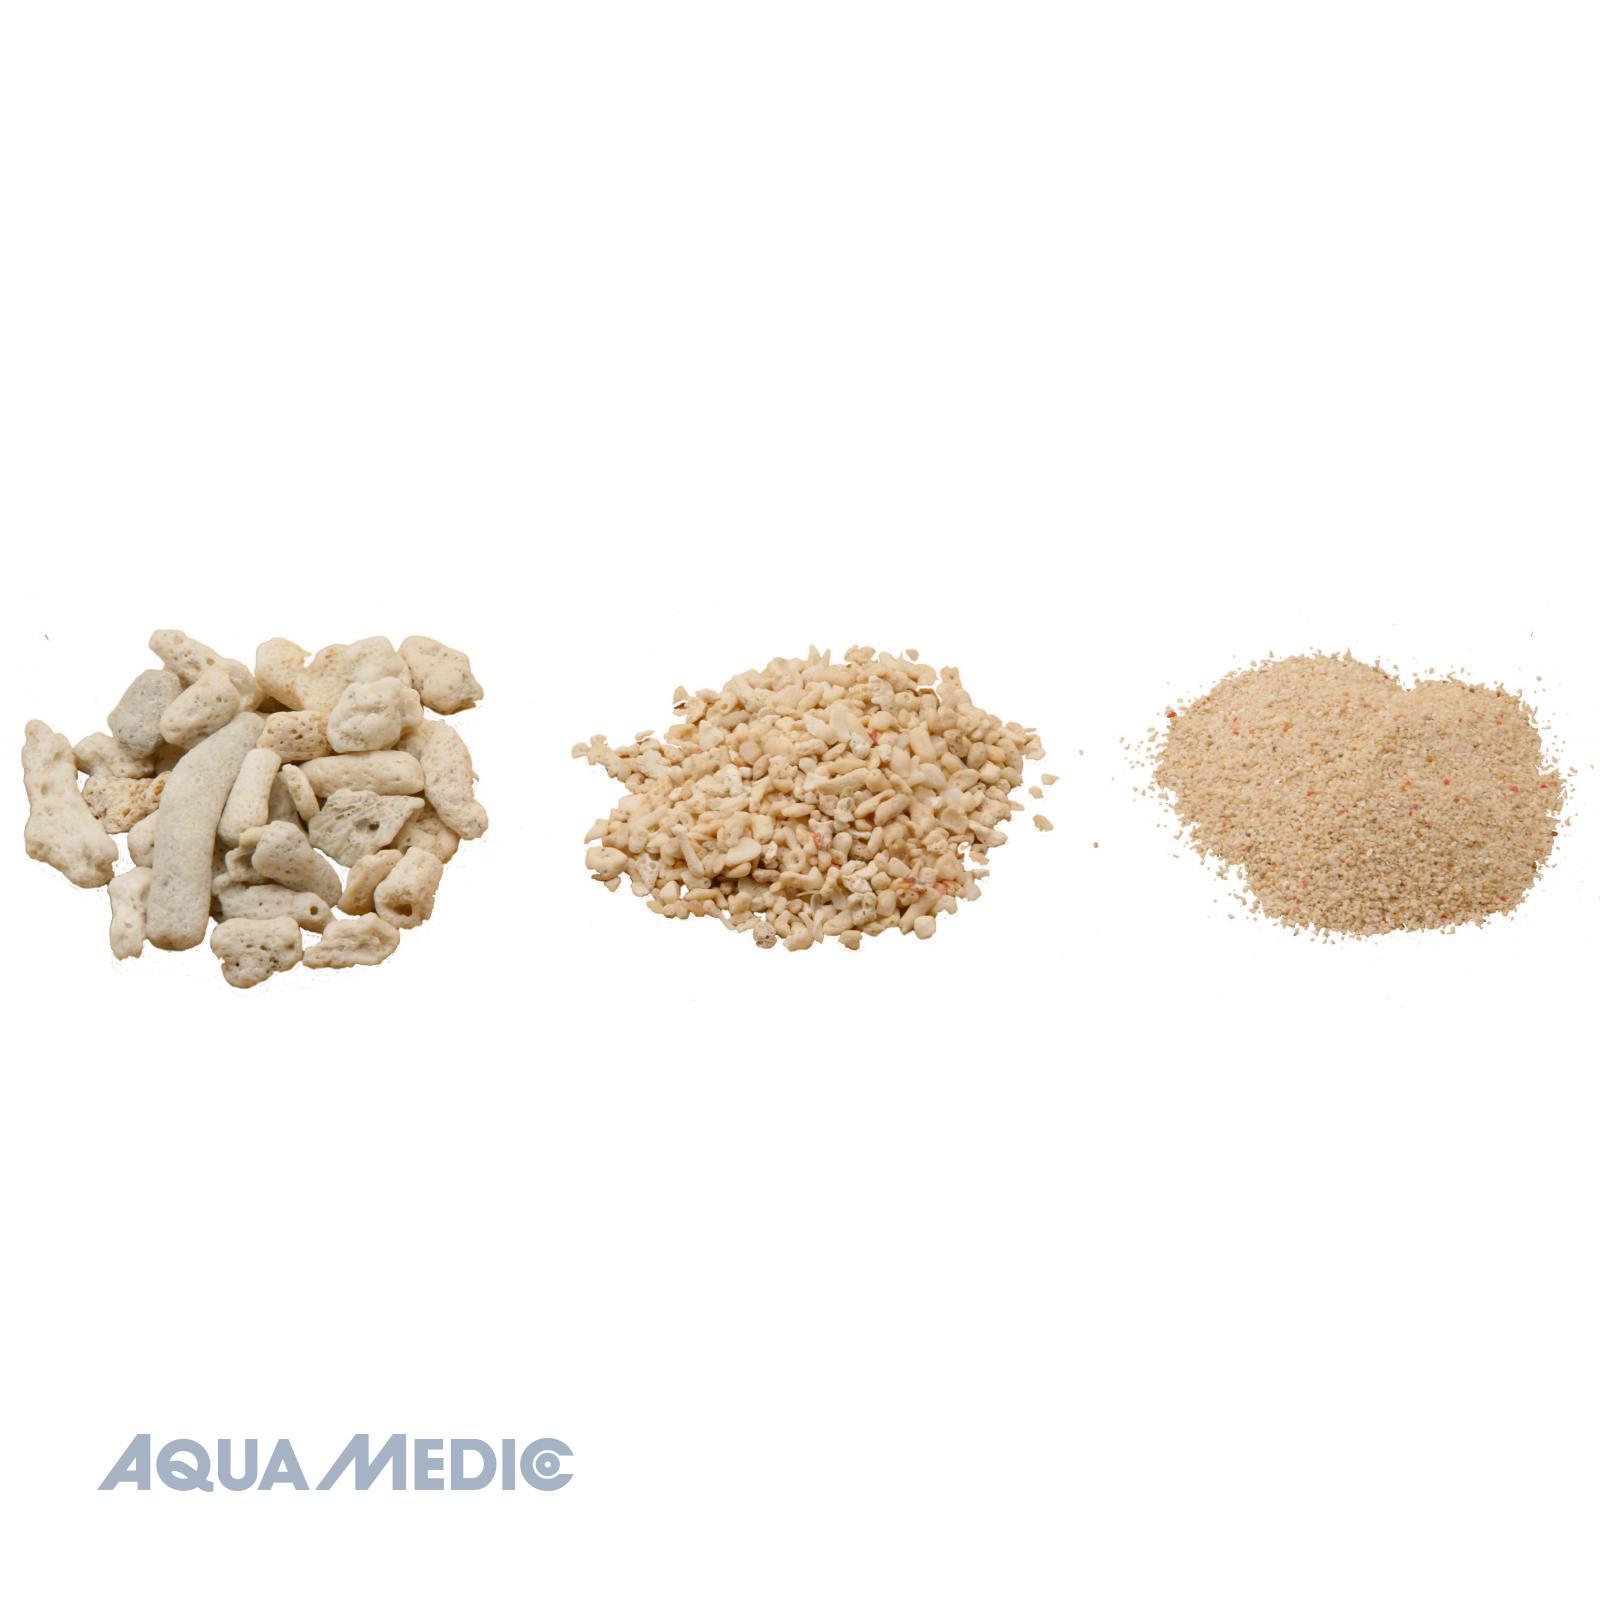 Aquamedic Coral Sand 0-1mm 25kg